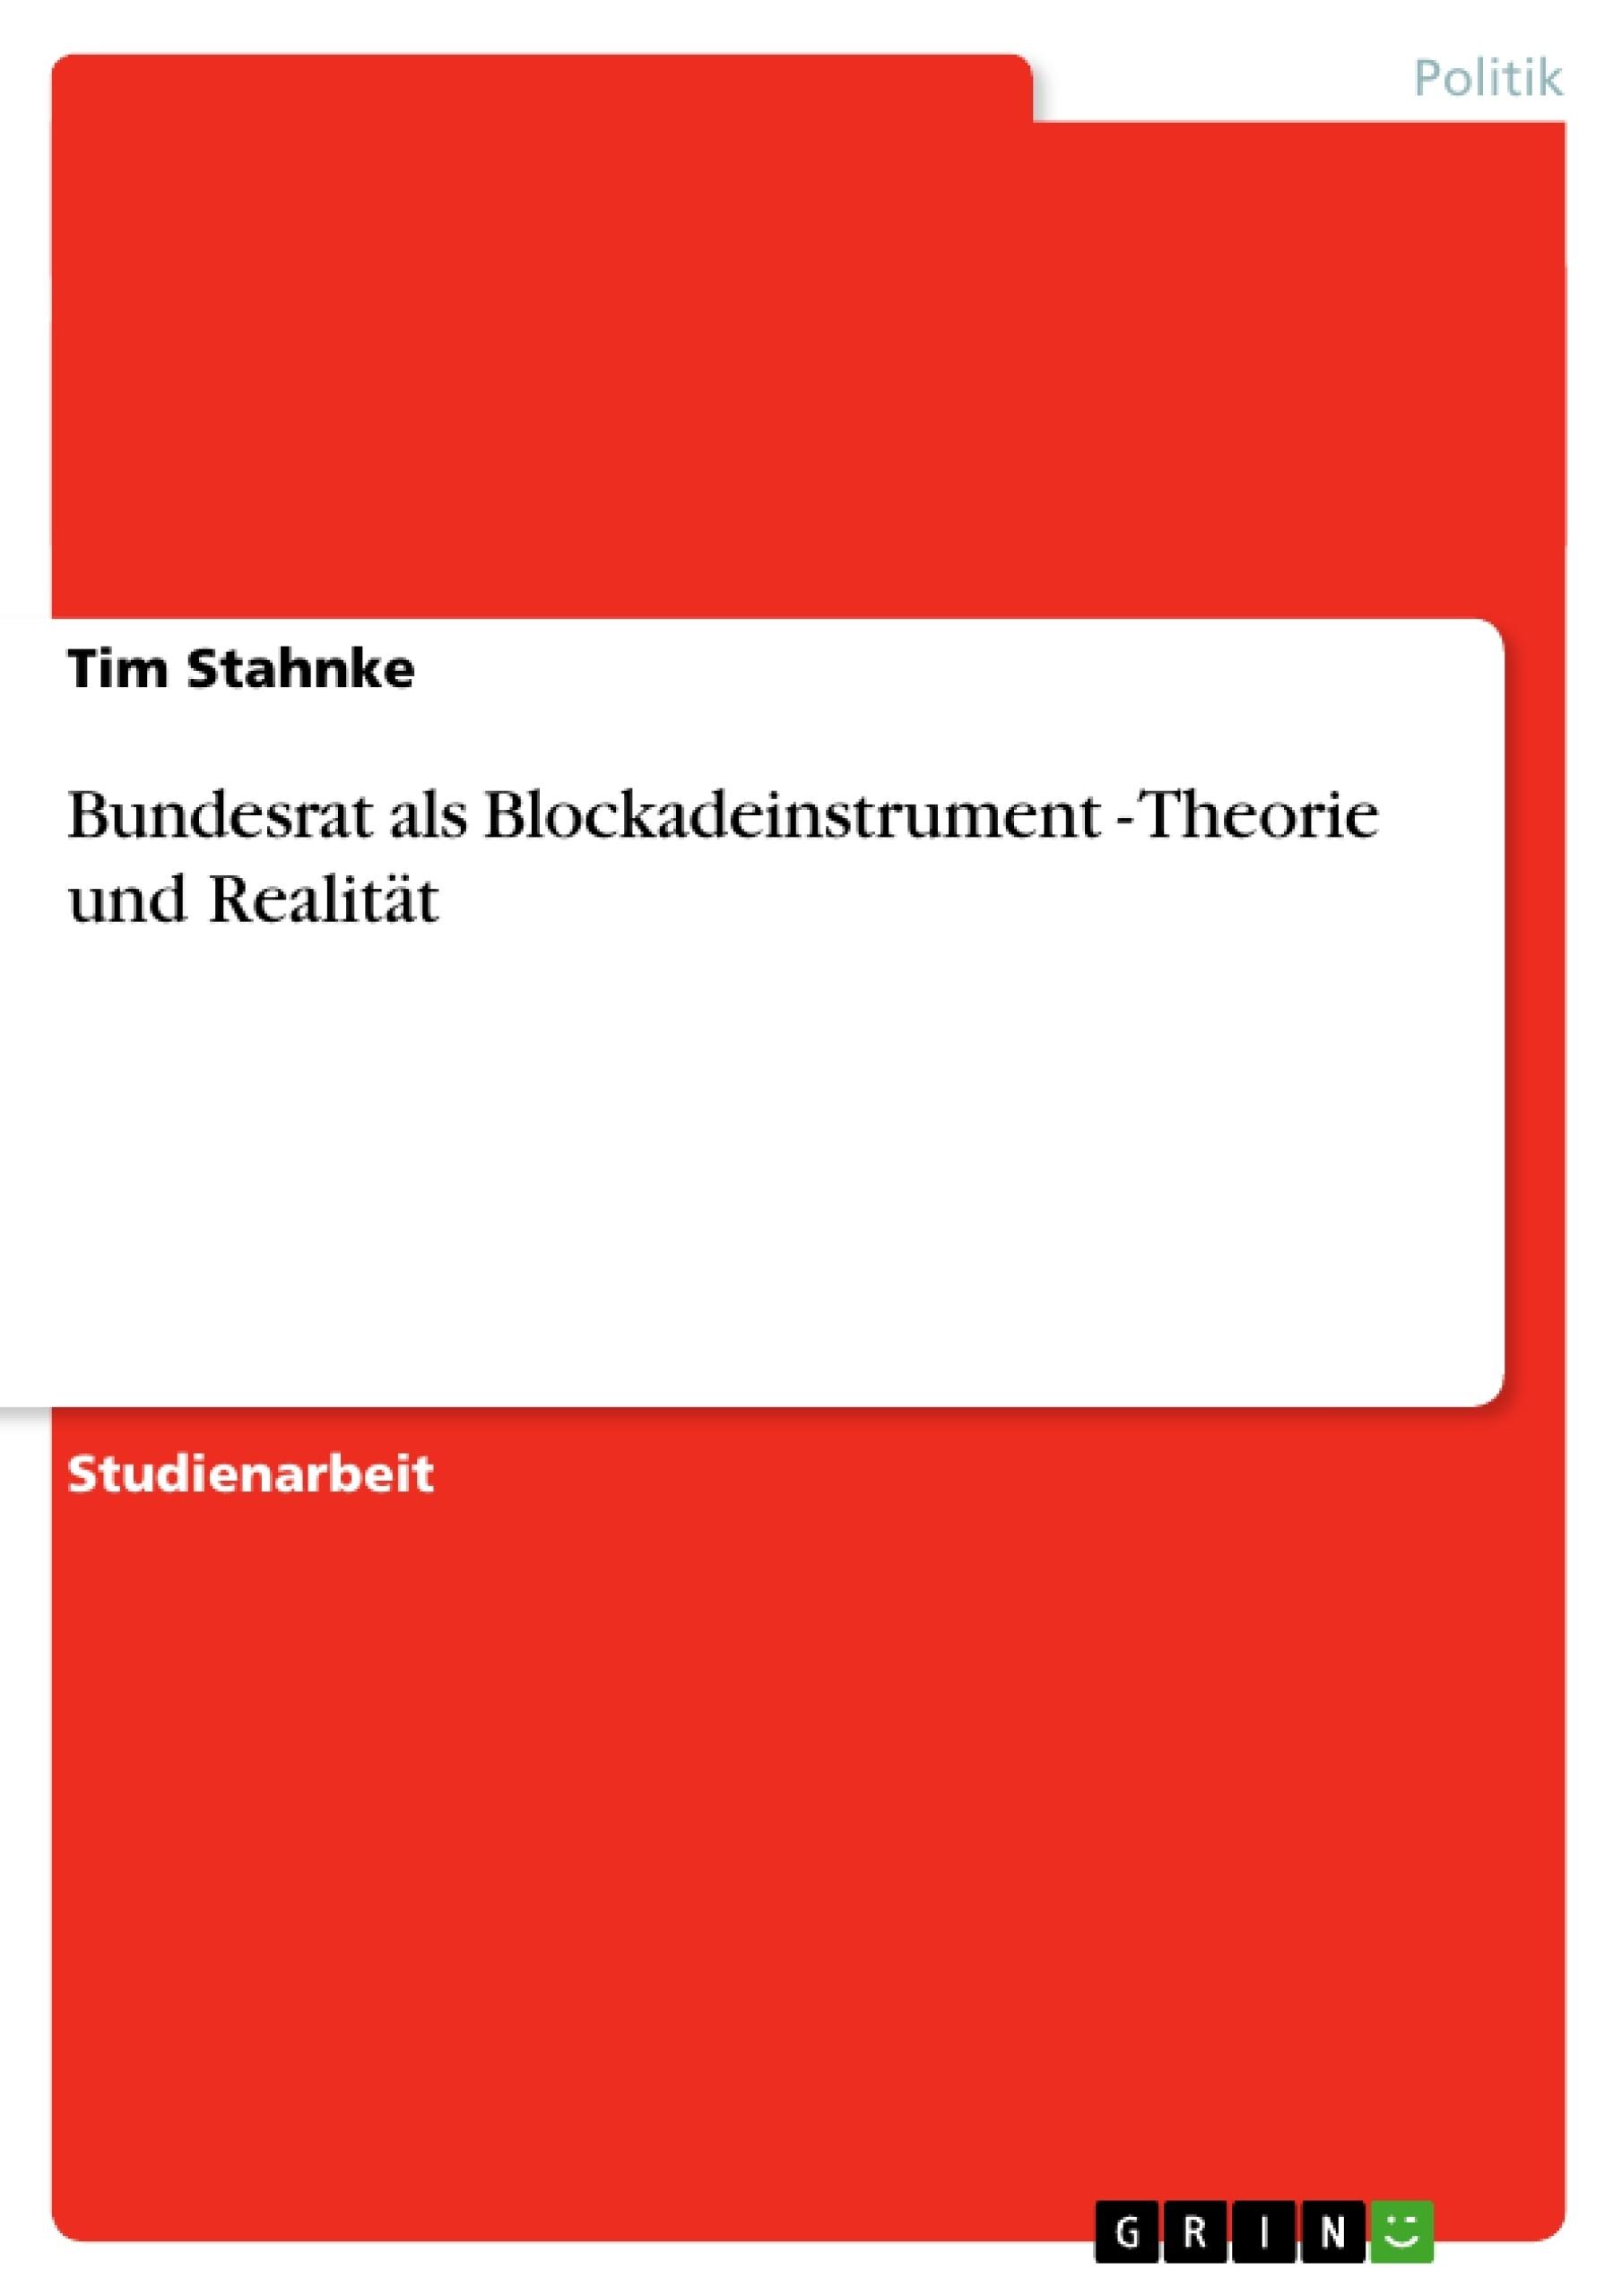 Titel: Bundesrat als Blockadeinstrument - Theorie und Realität